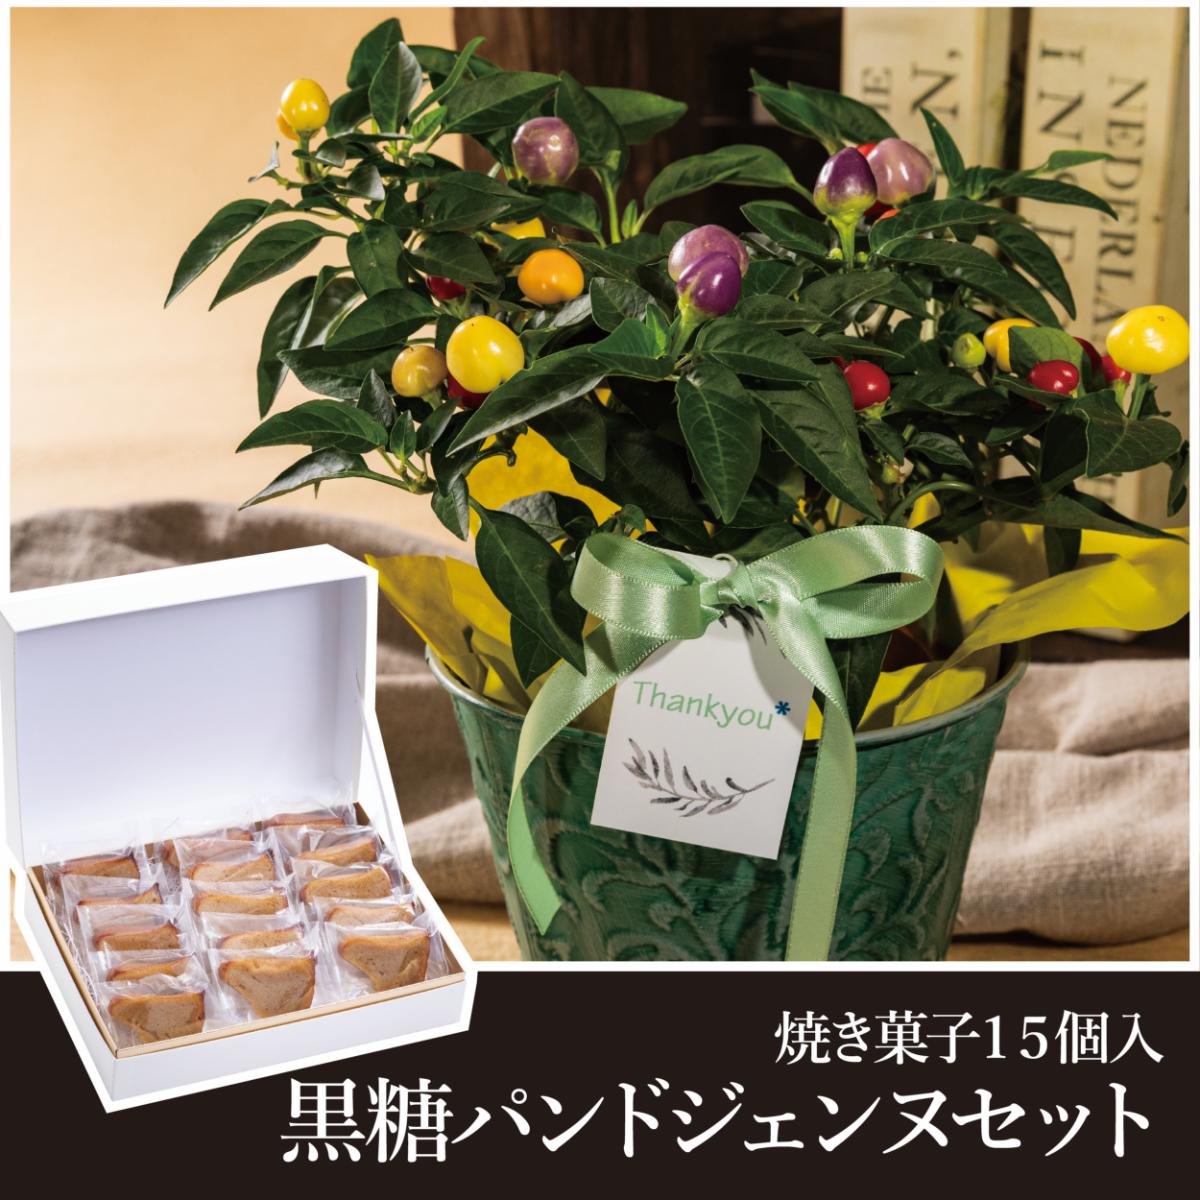 【敬老の日限定販売】とうがらし+黒糖パンドジェンヌプティ15個入